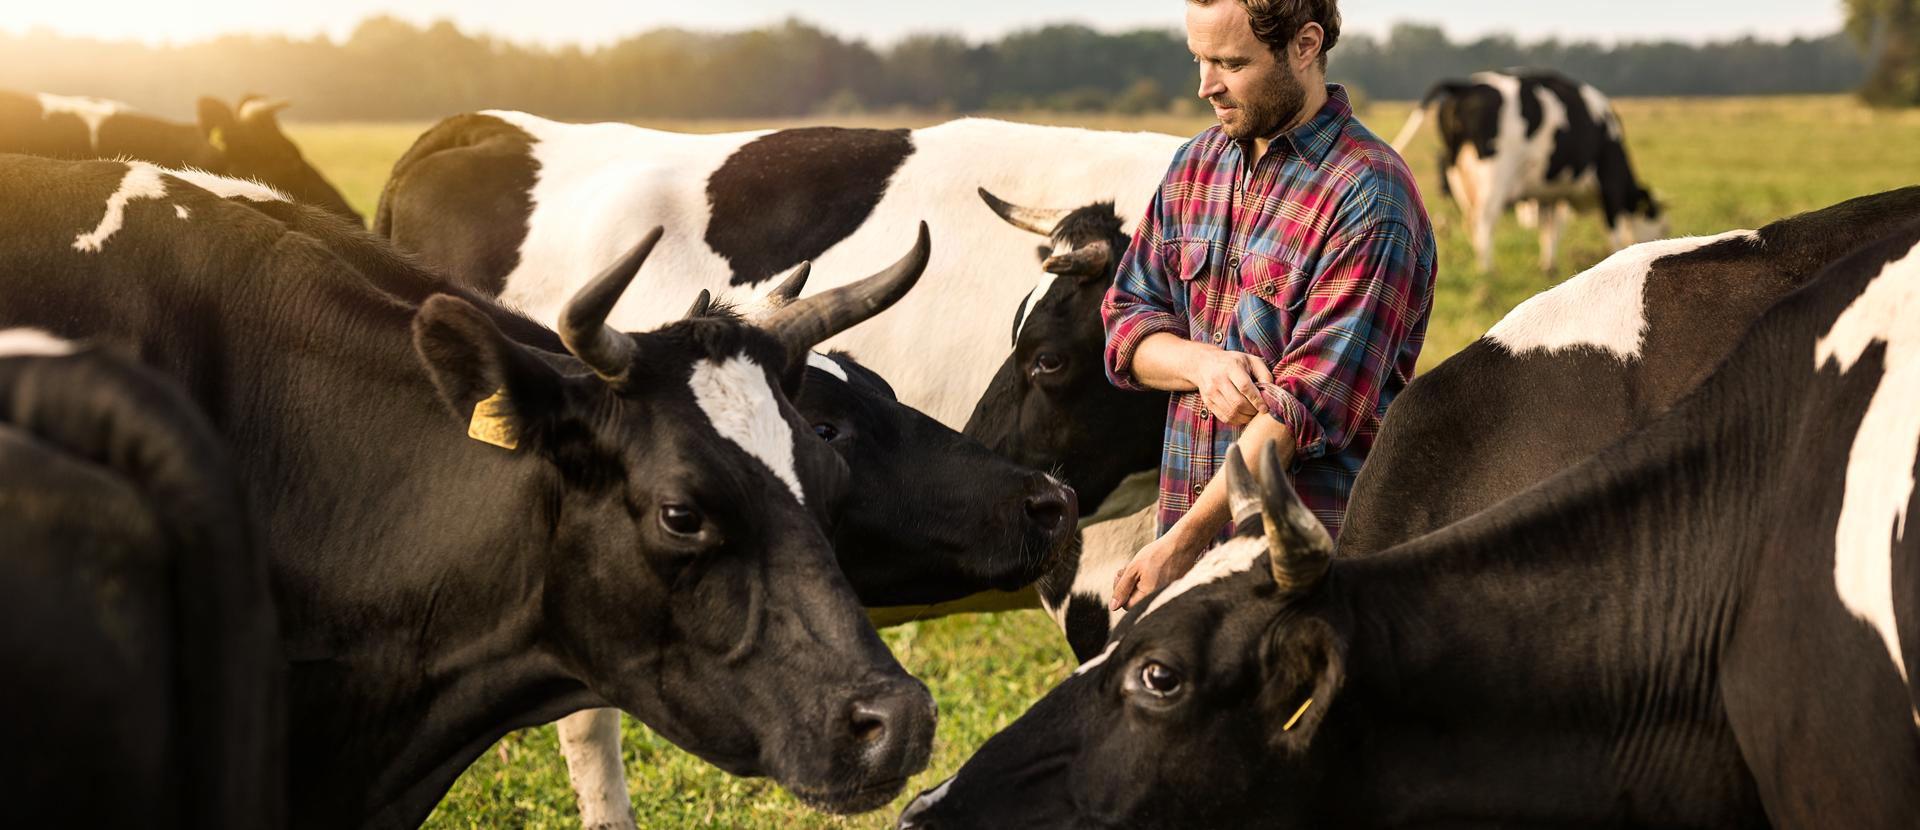 Landwirt zwischen Kühen auf Weide